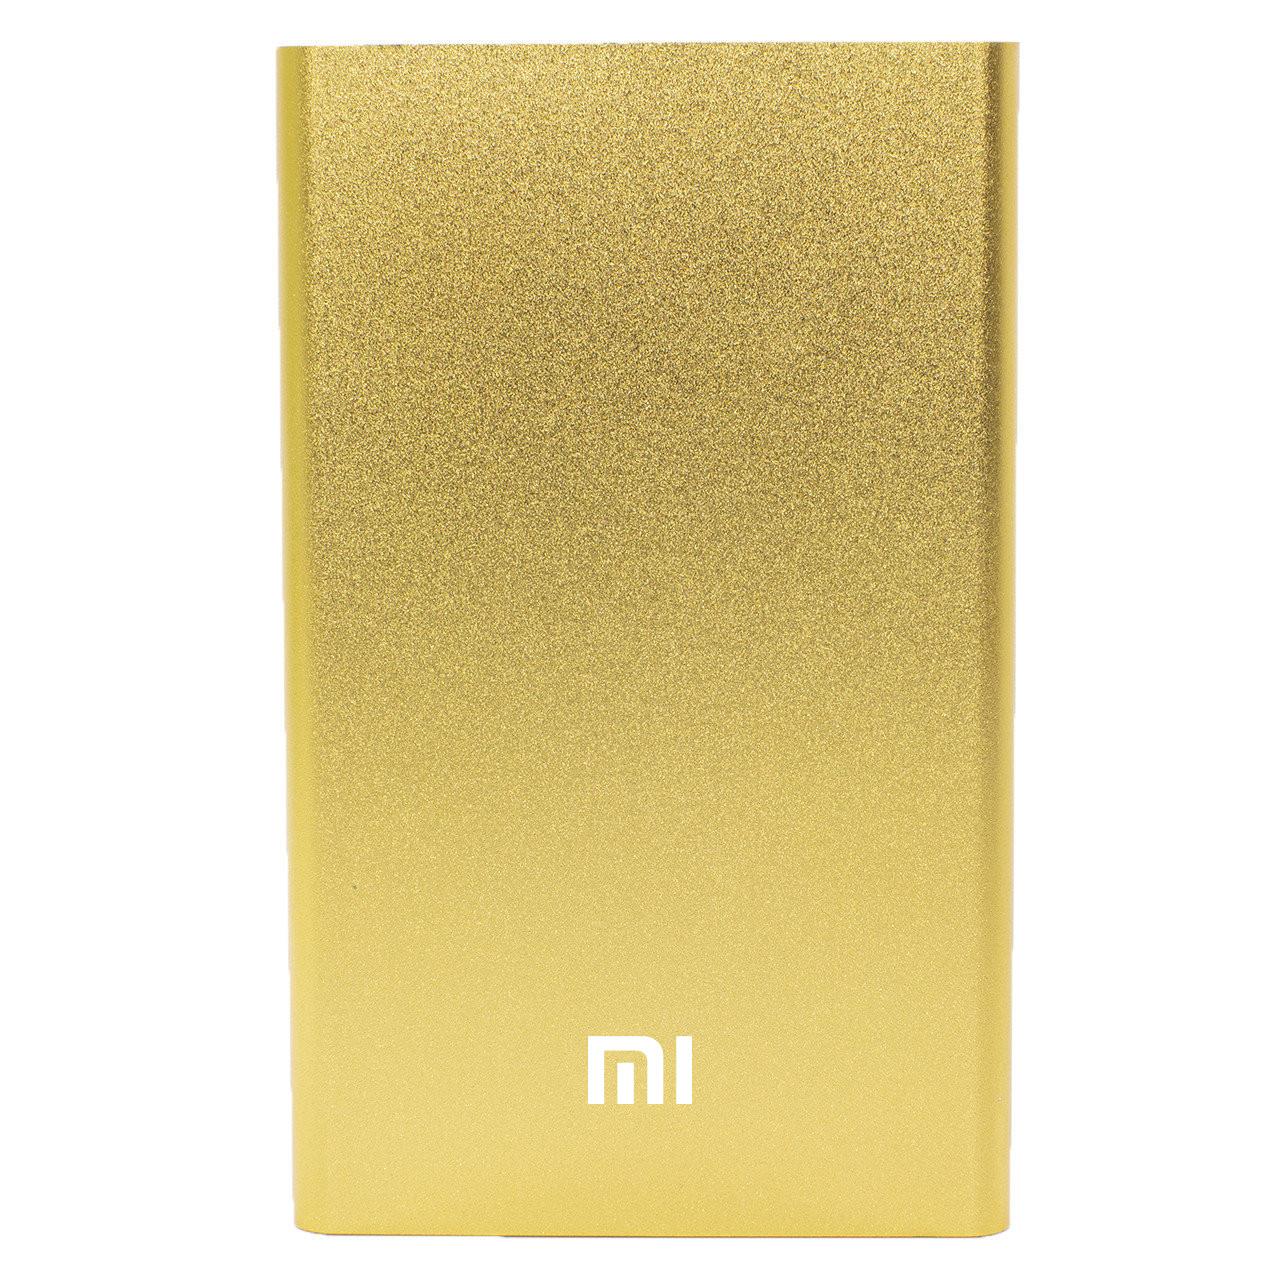 Повер банк Xiaomi 10400 mAh Gold зарядний пристрій зовнішній акумулятор компактний (Репліка)